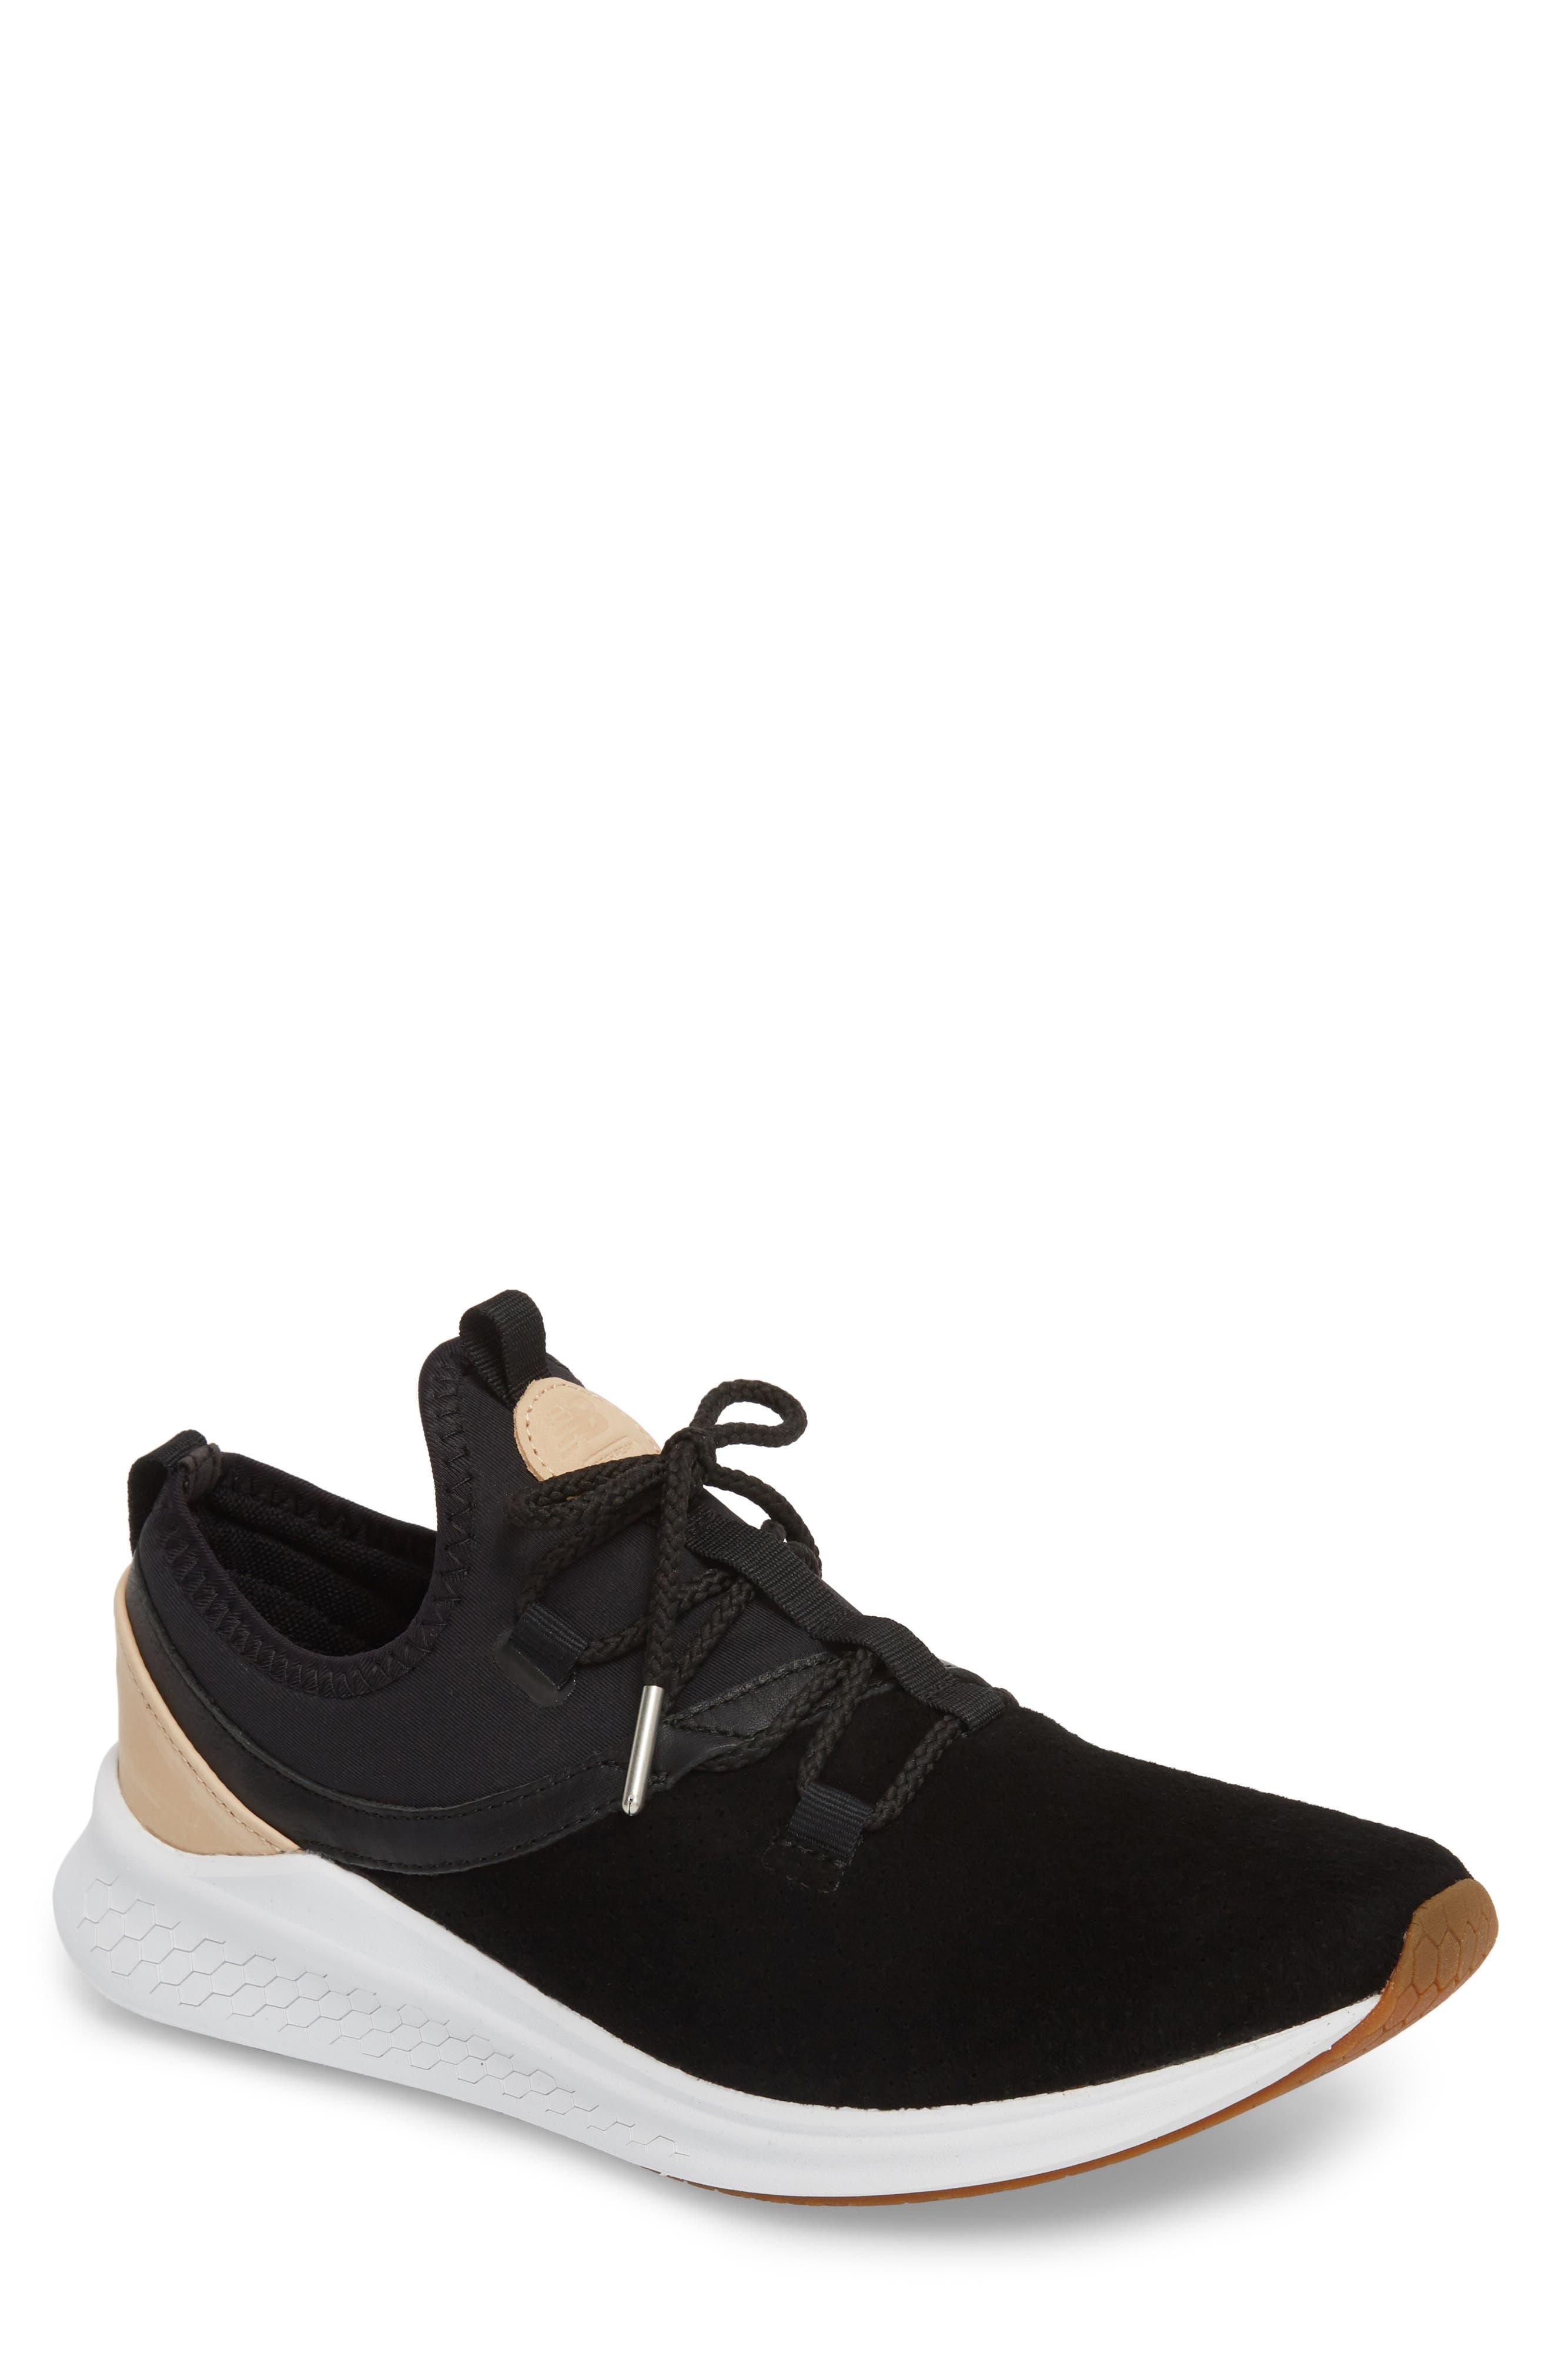 Fresh Foam Lazer Luxe Sneaker,                         Main,                         color, Black